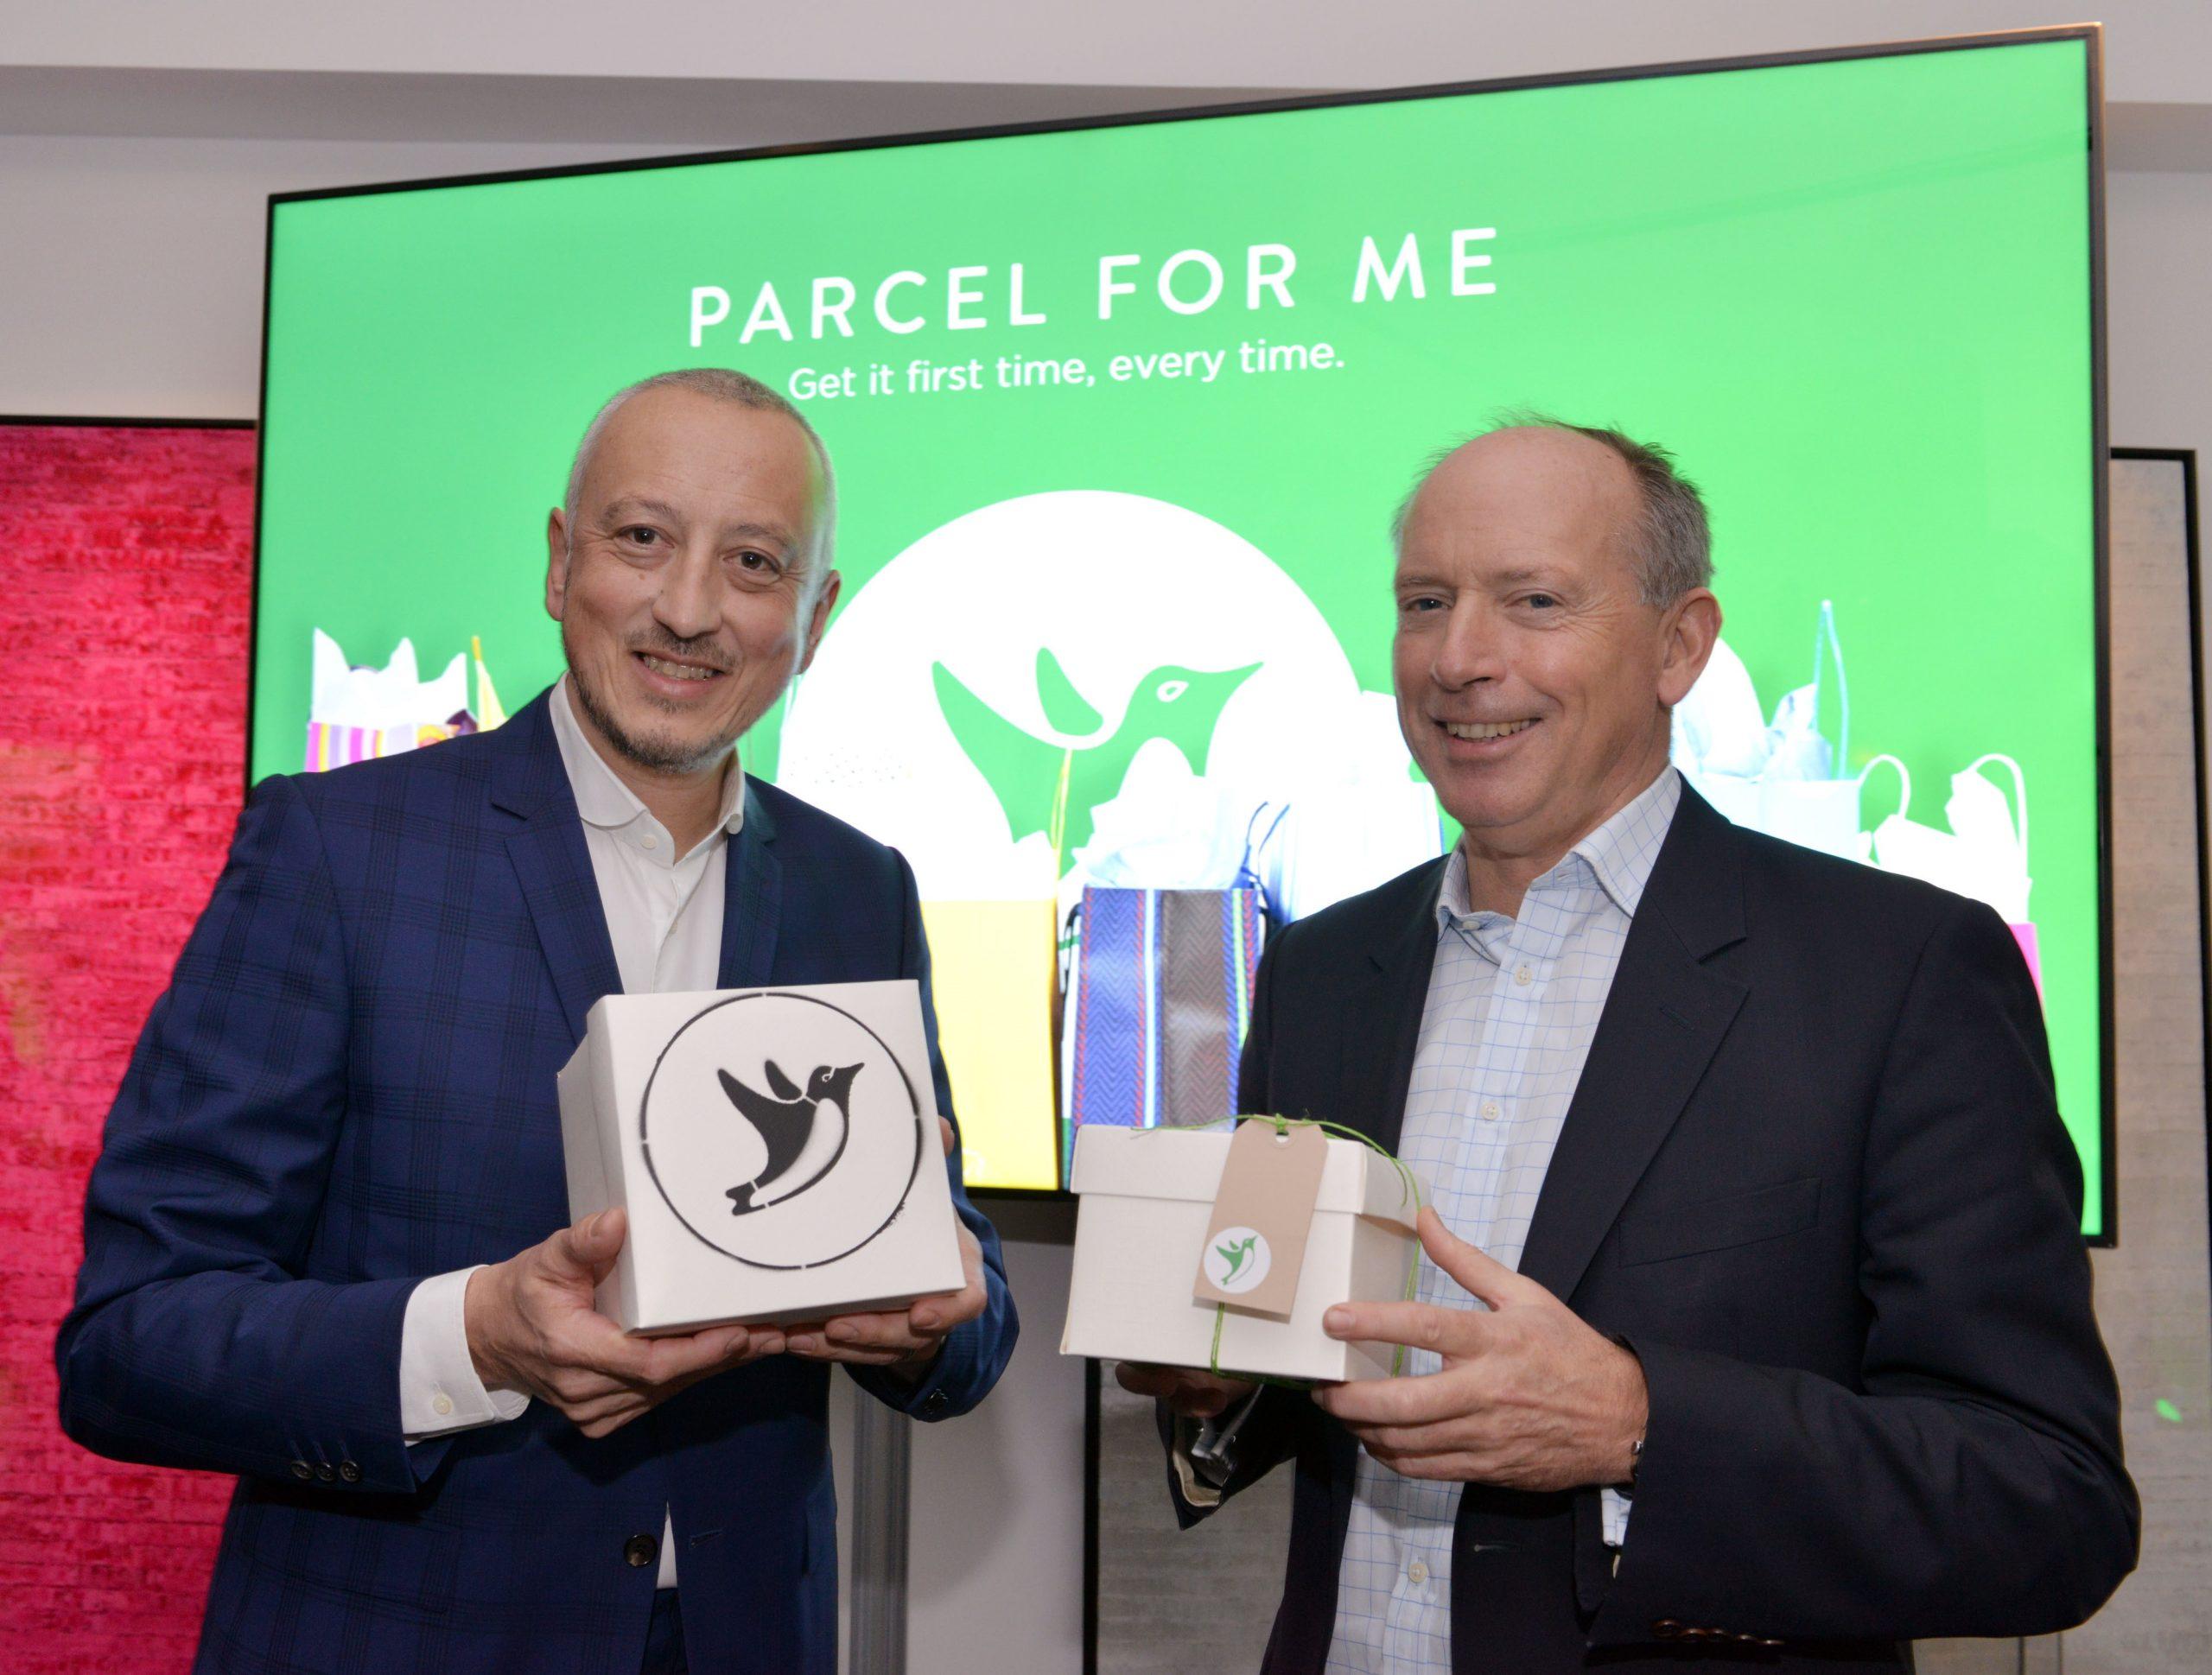 Parcel for Me e-commerce platform launched